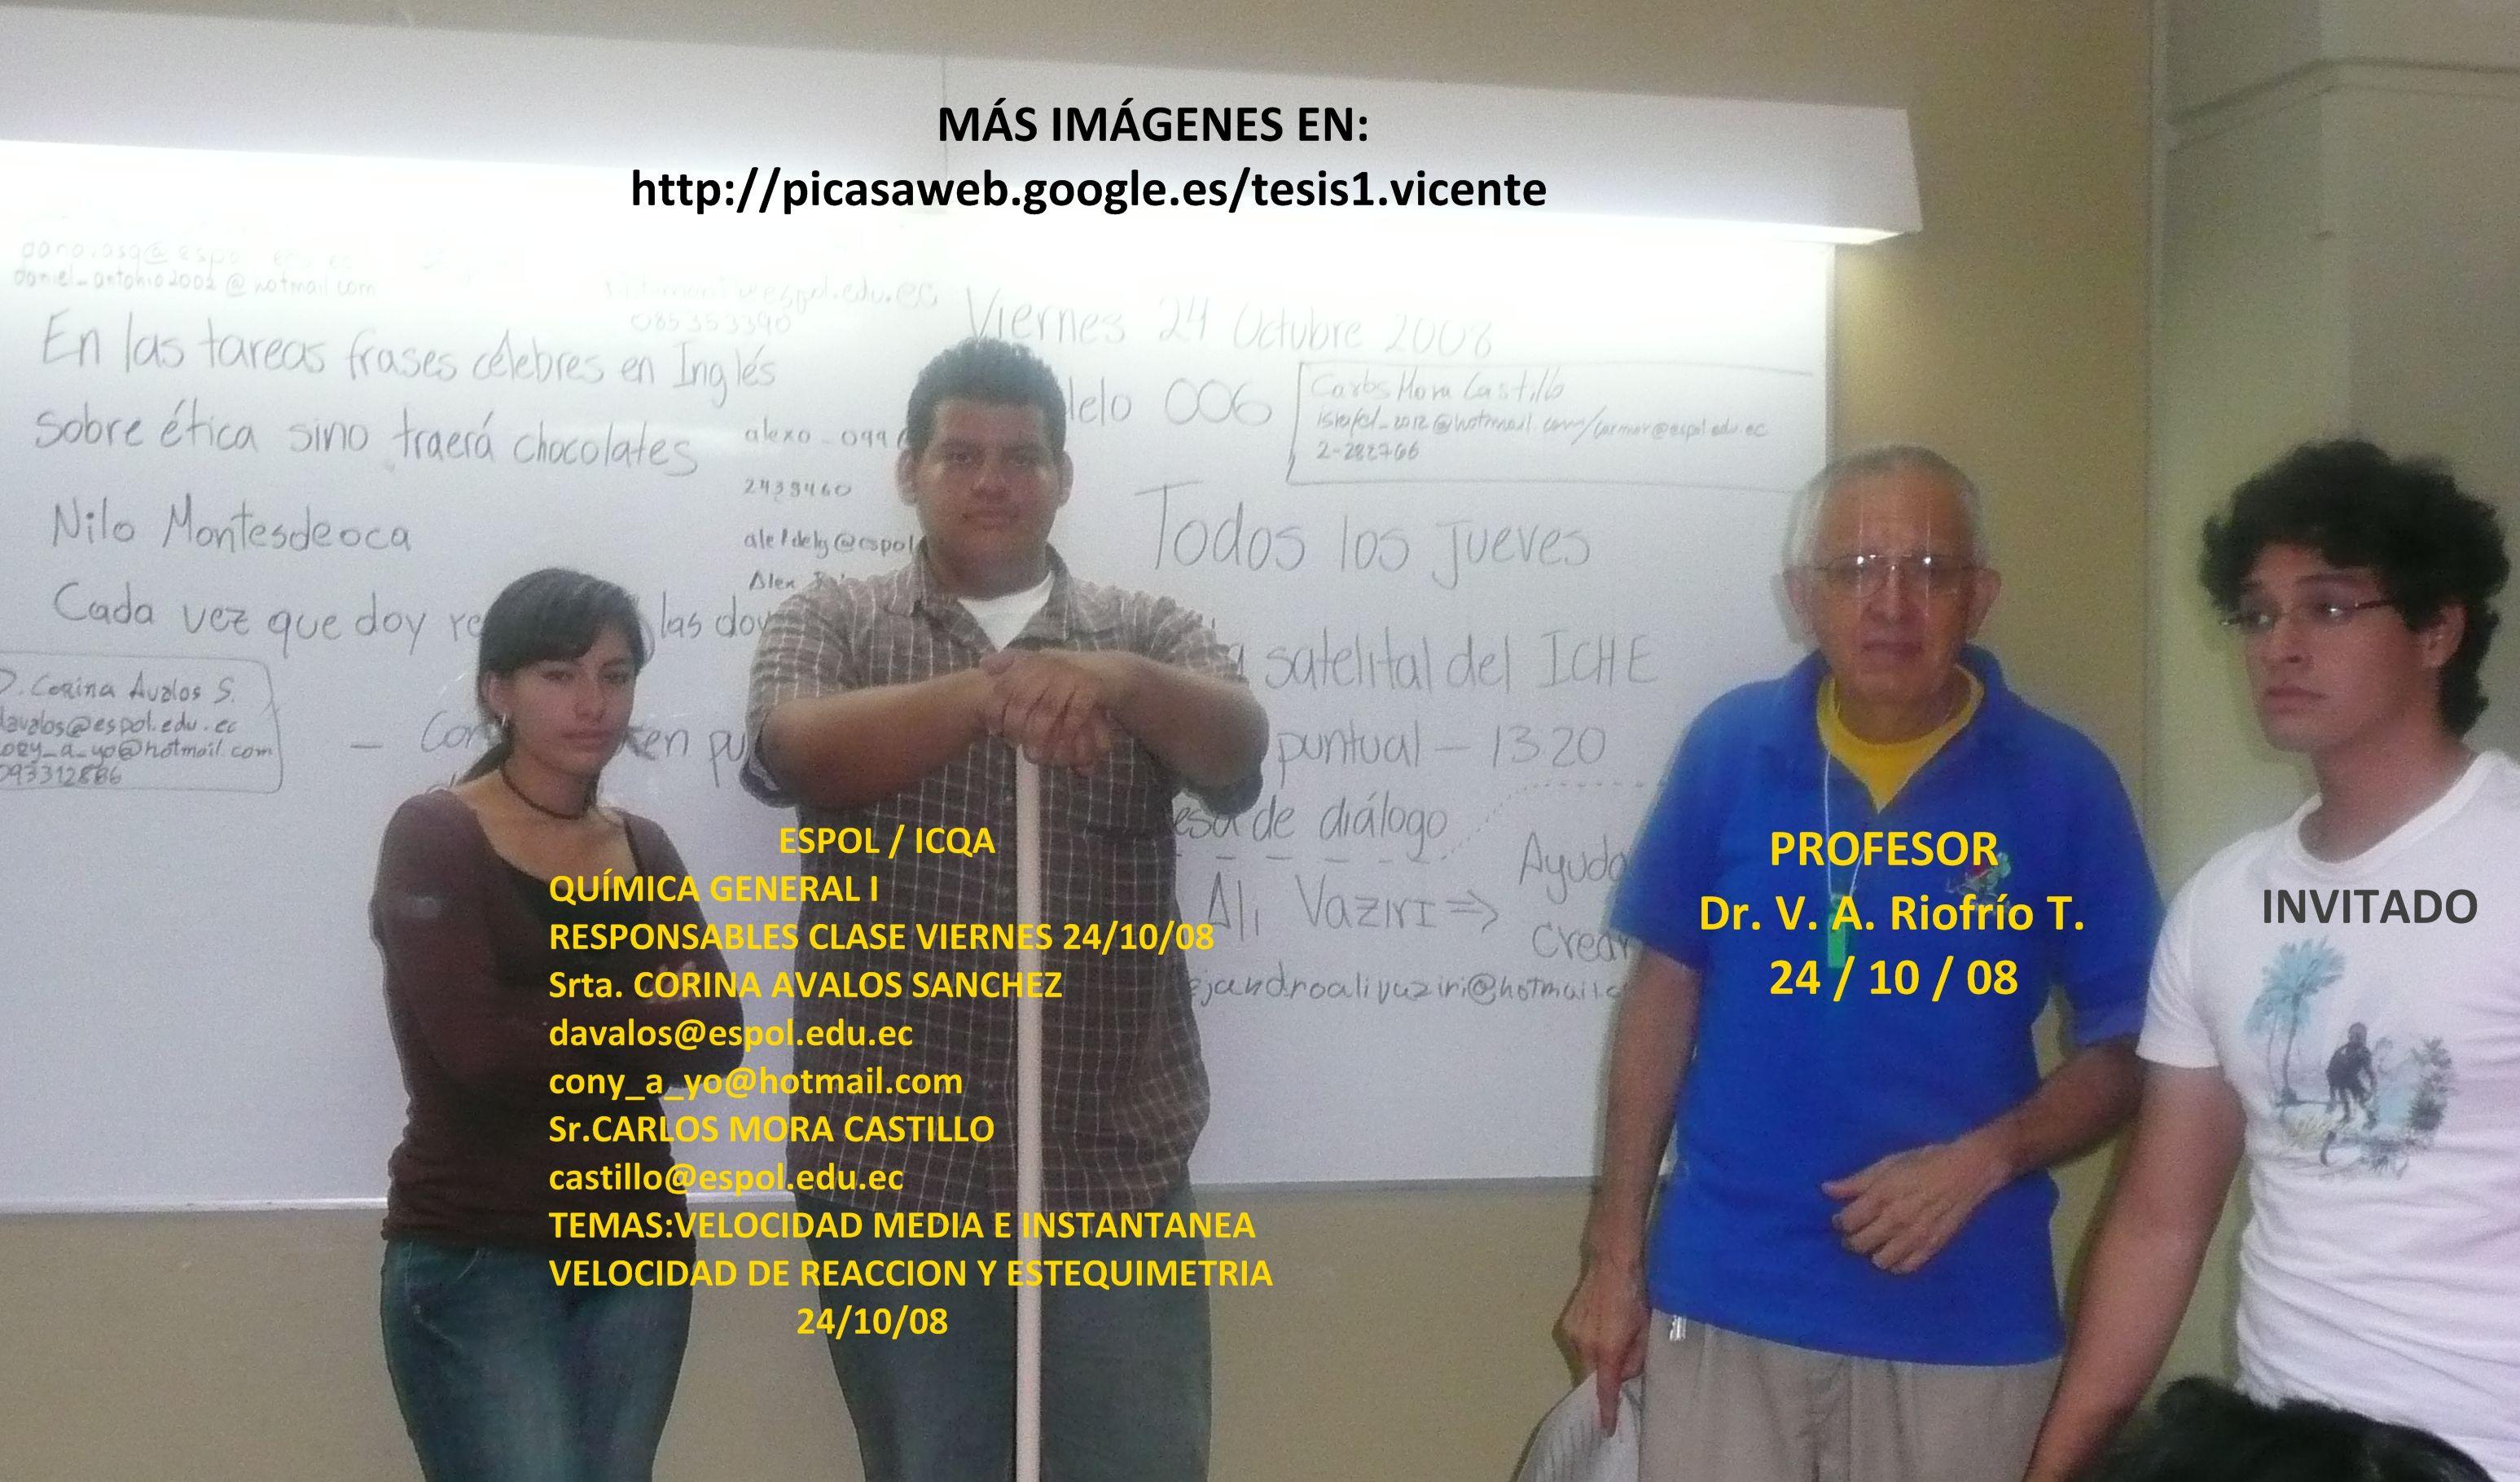 QG I; RESPONSABLES 24 / 10 / 08